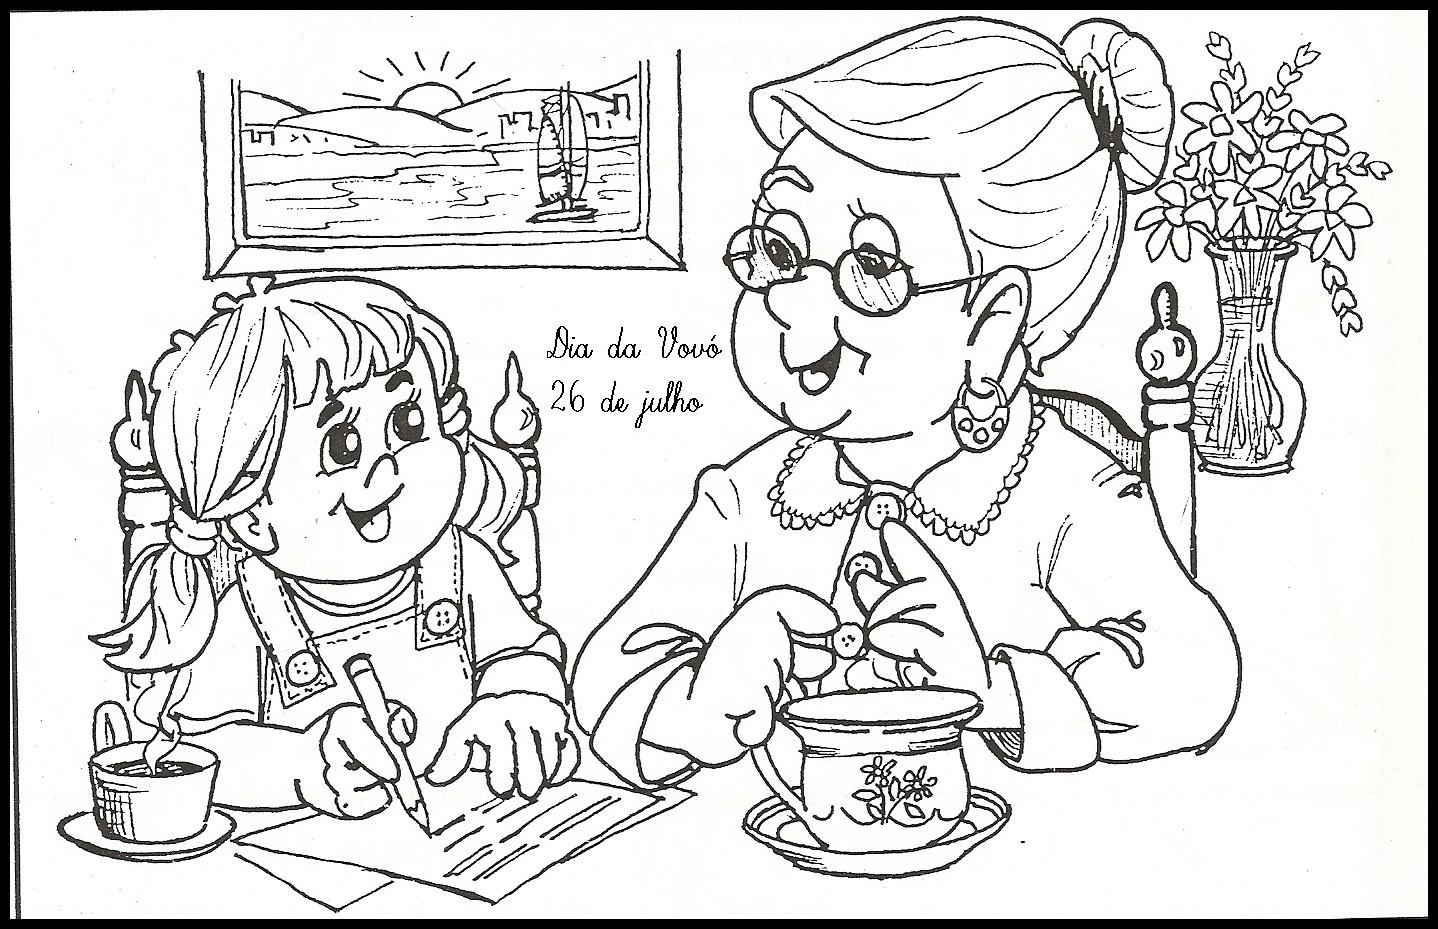 20 Desenhos De Vovo E Vovo Para Imprimir E Colorir Online Cursos